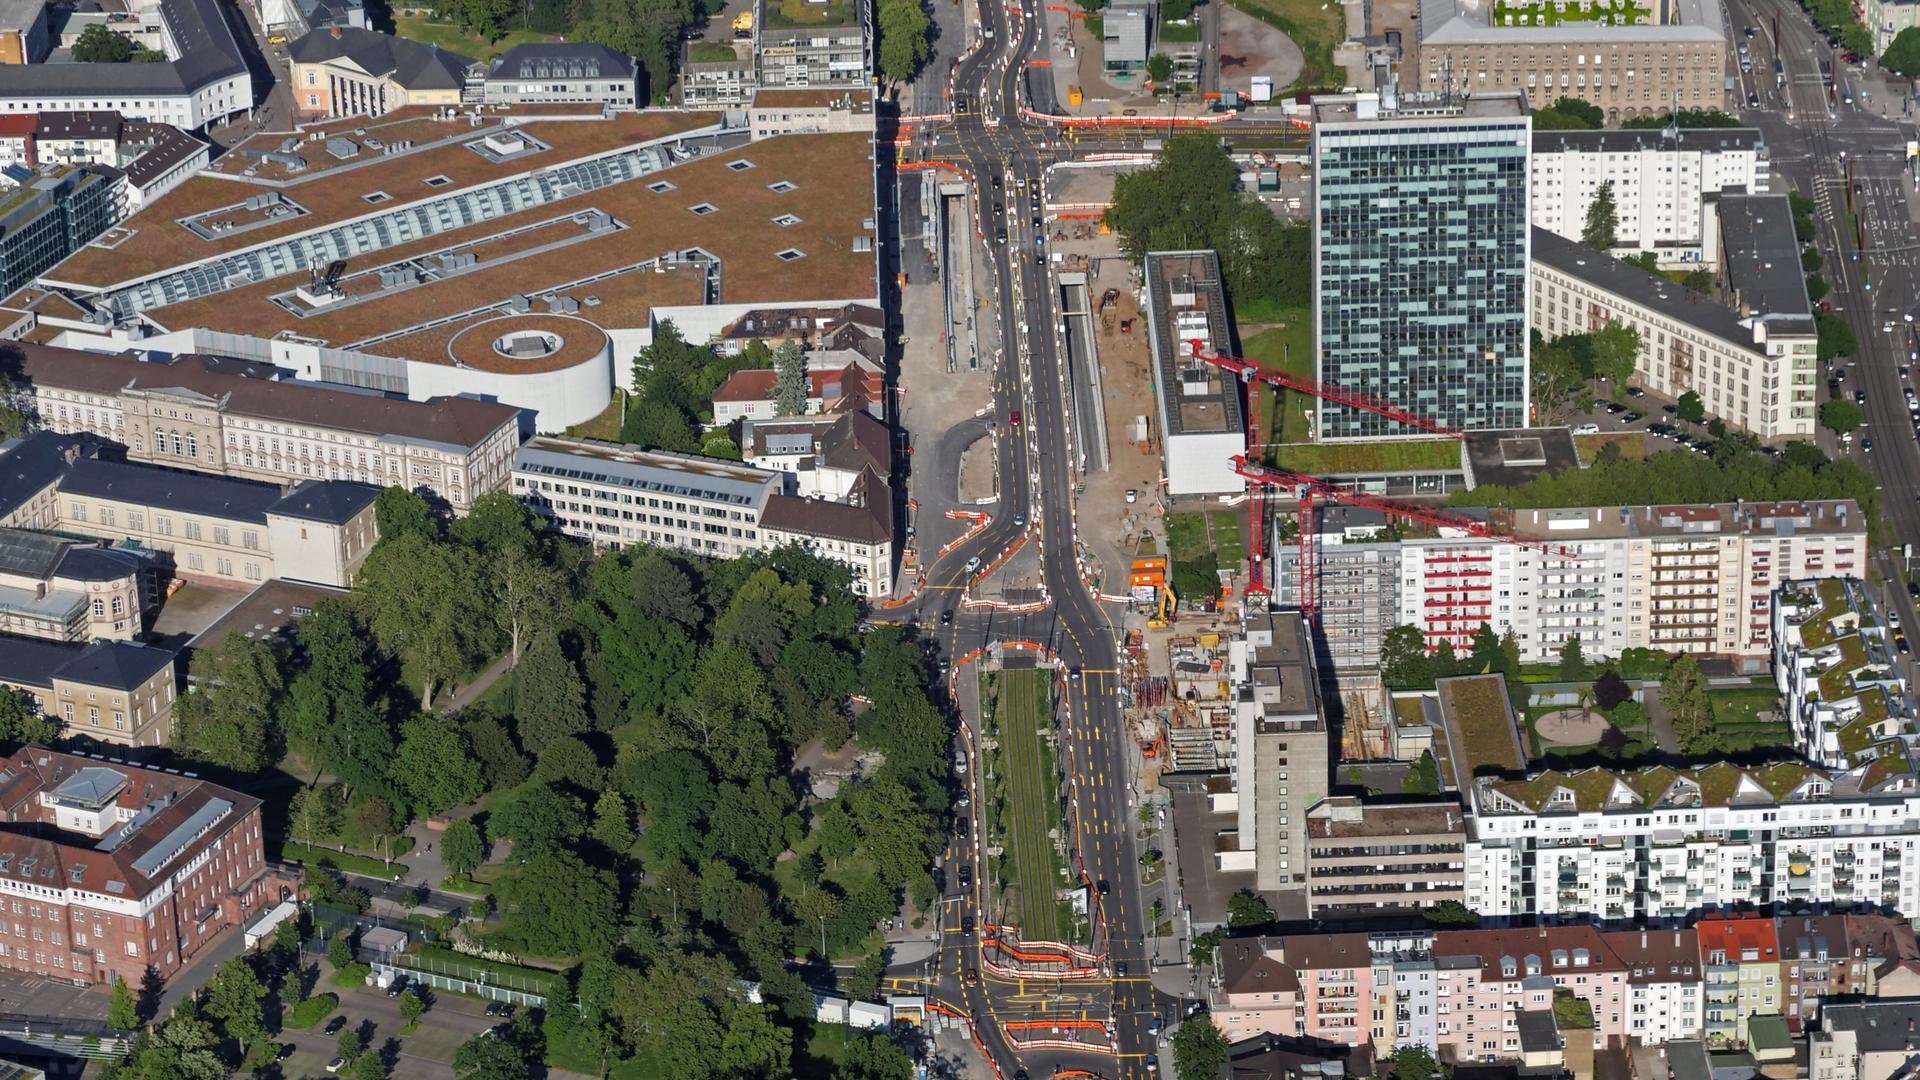 Rasante Veränderung: Der Umbau der Karlsruher Kriegsstraße geht zügig voran. Die Trasse verändert im Eiltempo ihr Gesicht.